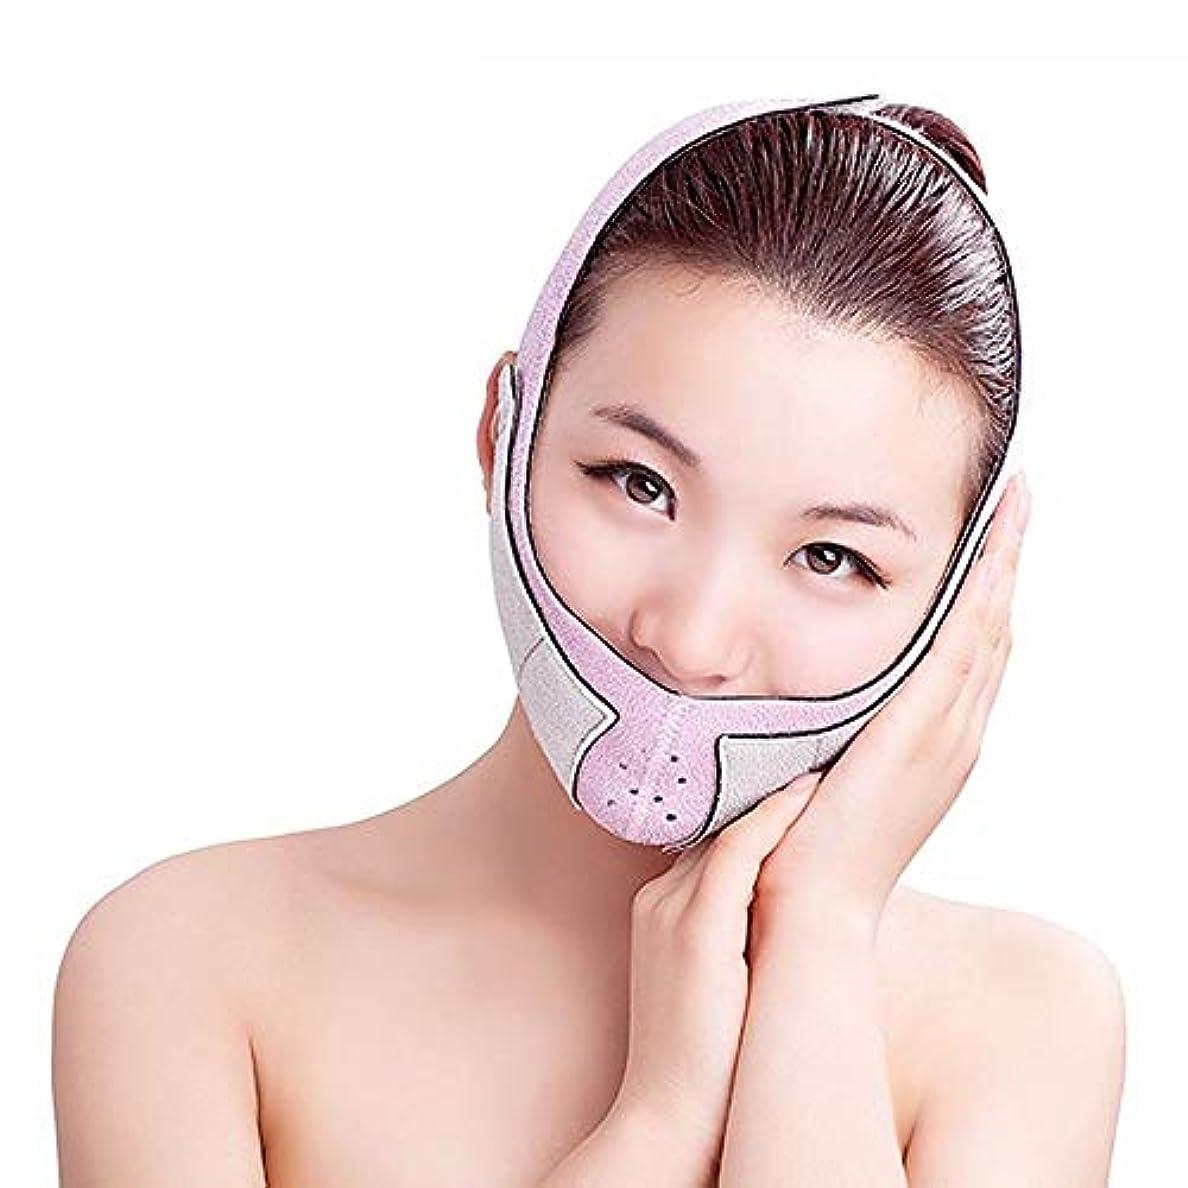 口径してはいけません農村表面持ち上がるベルト、表面持ち上がる包帯の顔の細く通気性のV形の包帯は二重あごの反しわの反老化を減らします (Color : Pink)